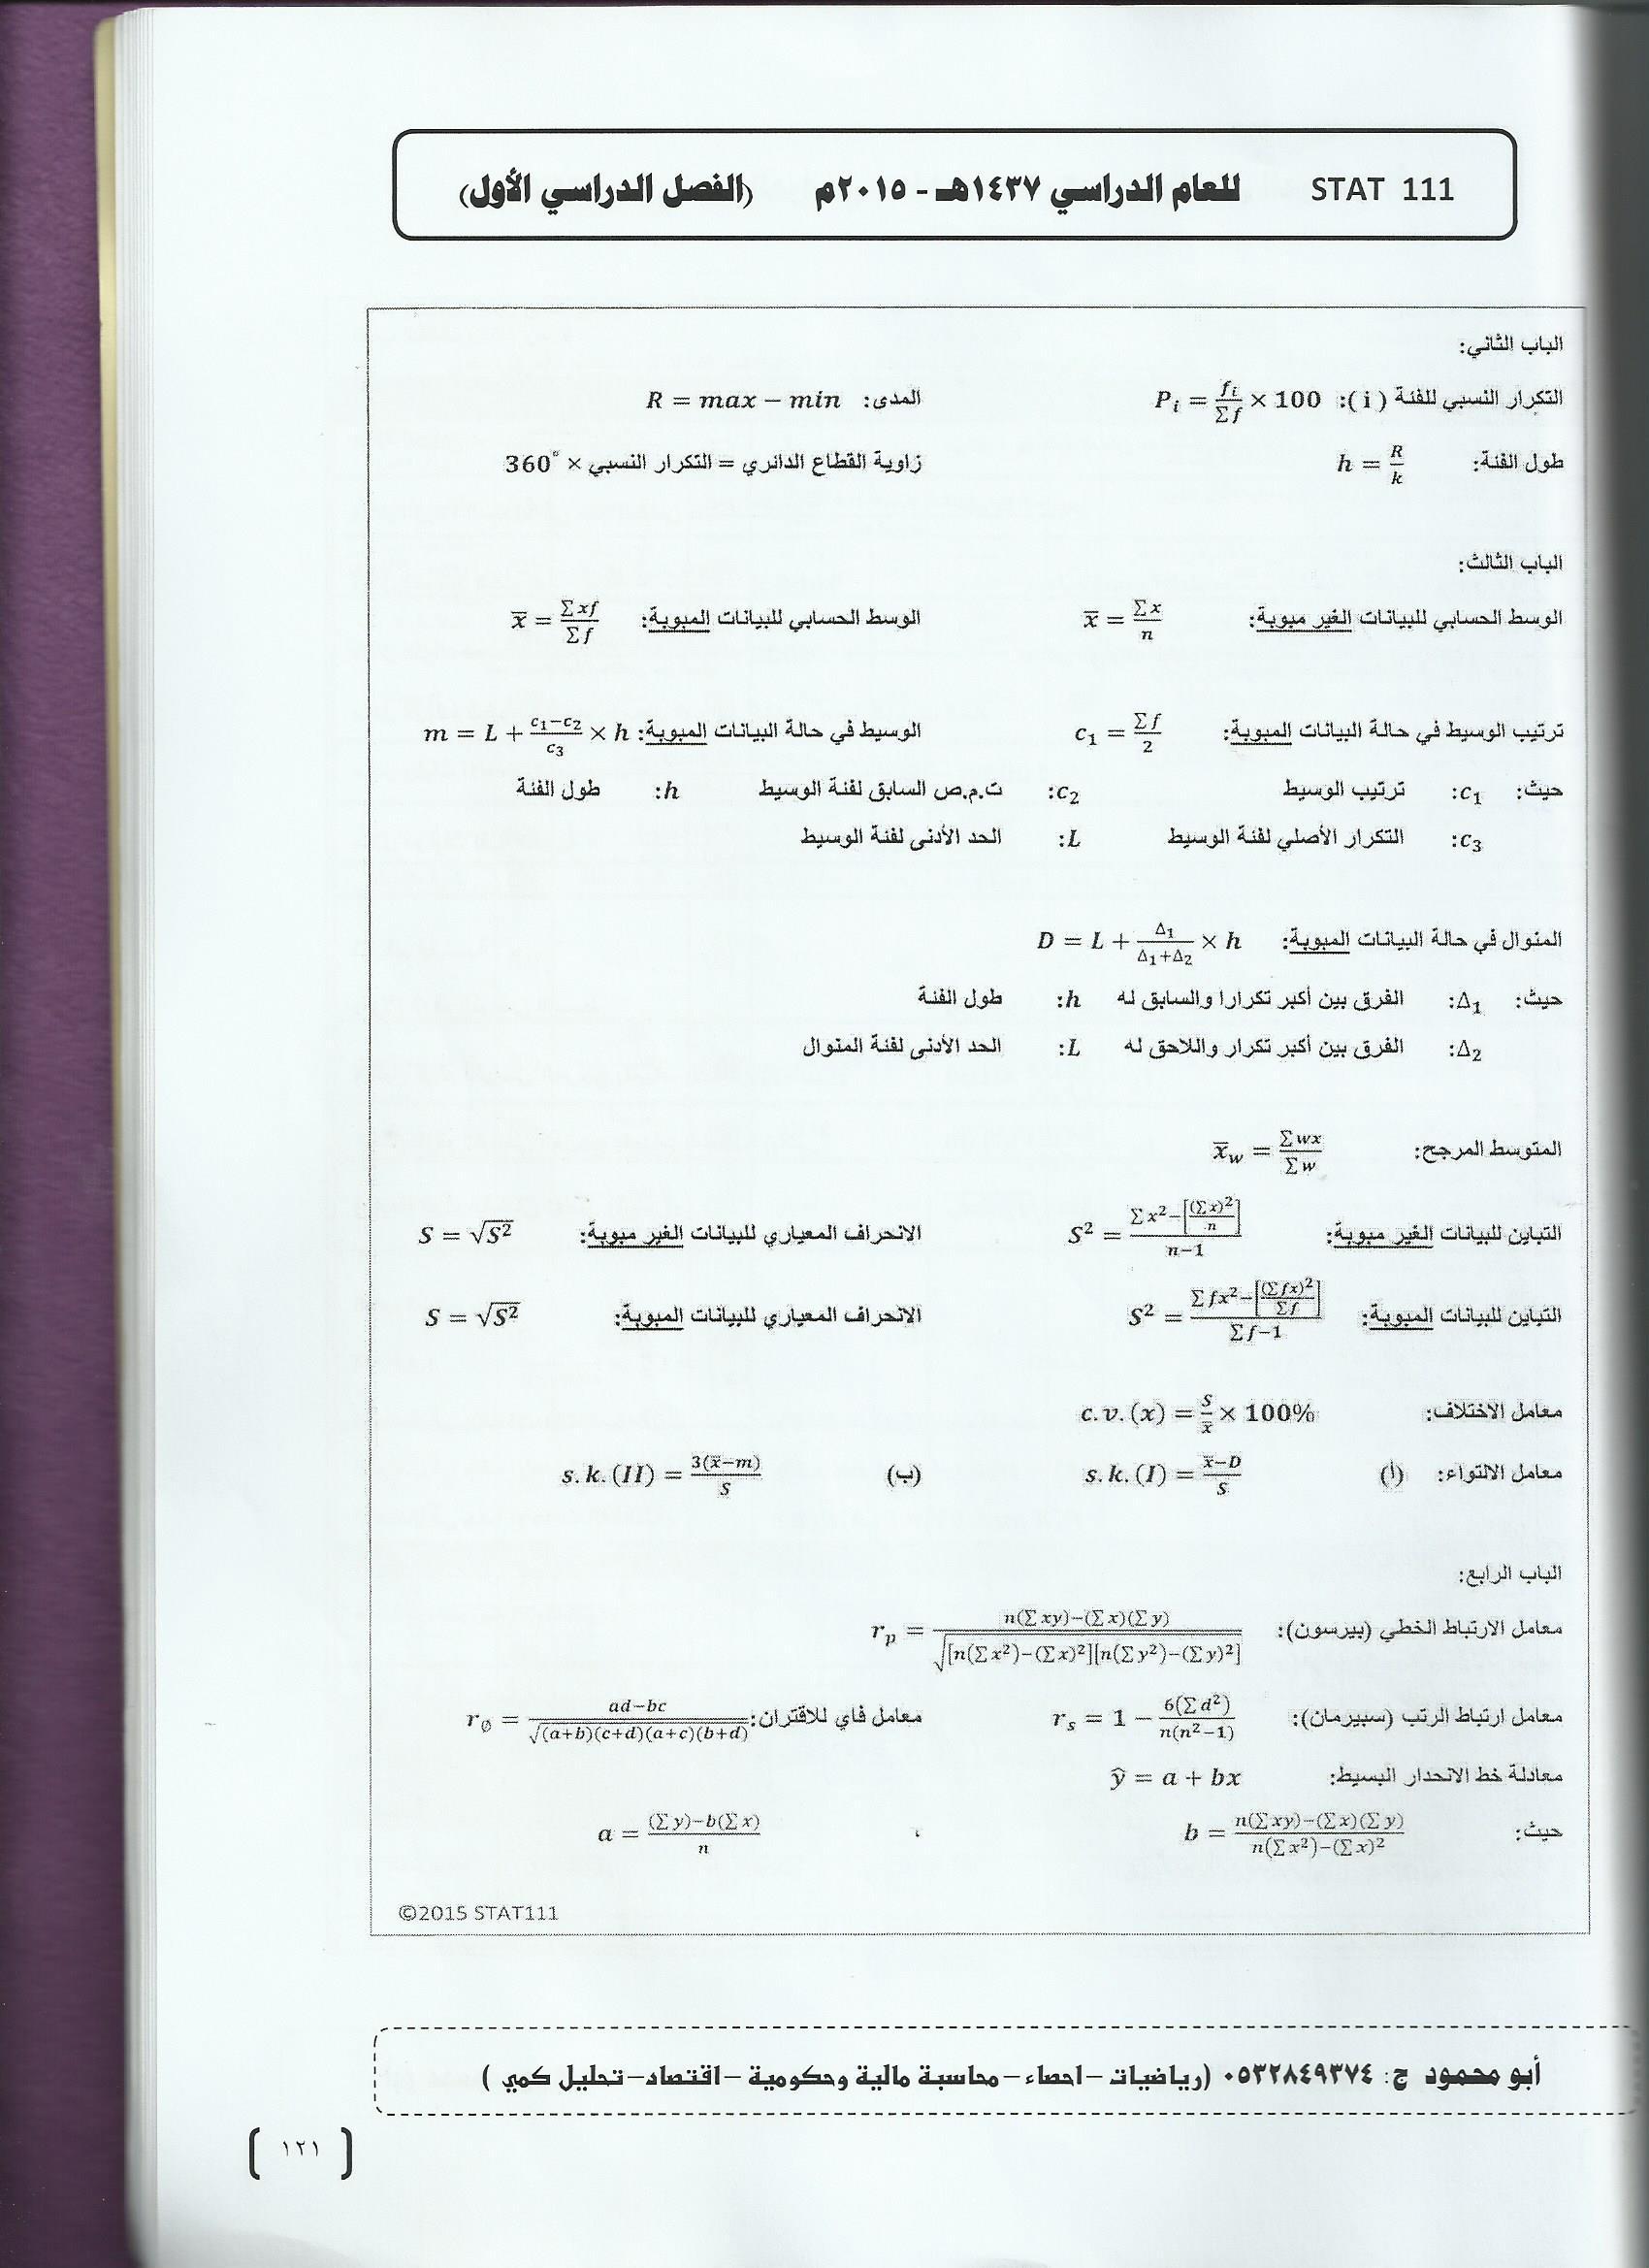 قانون الاحصاء 2